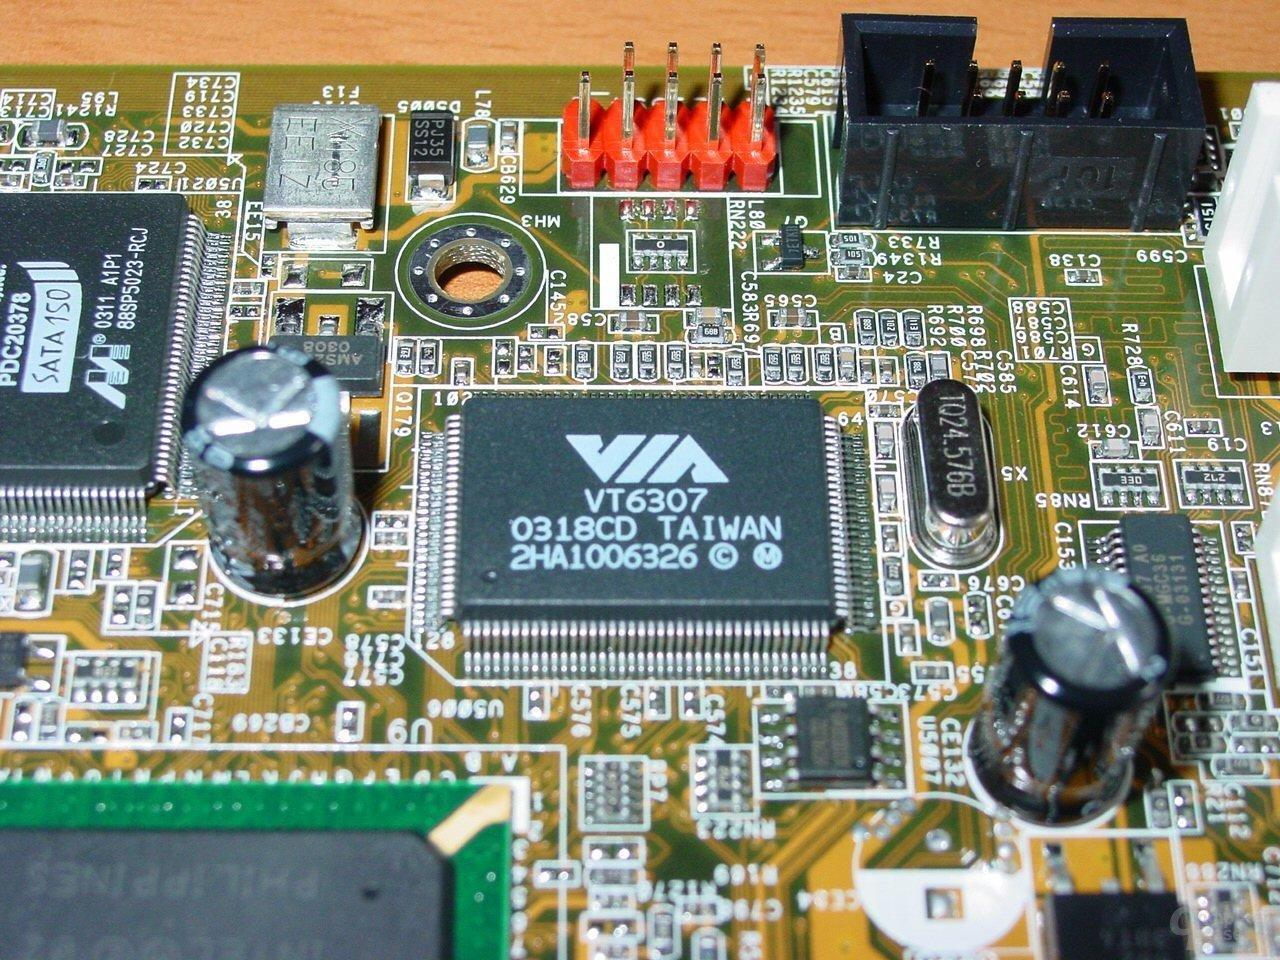 Asus P4C800-E Deluxe - VIA Firewire